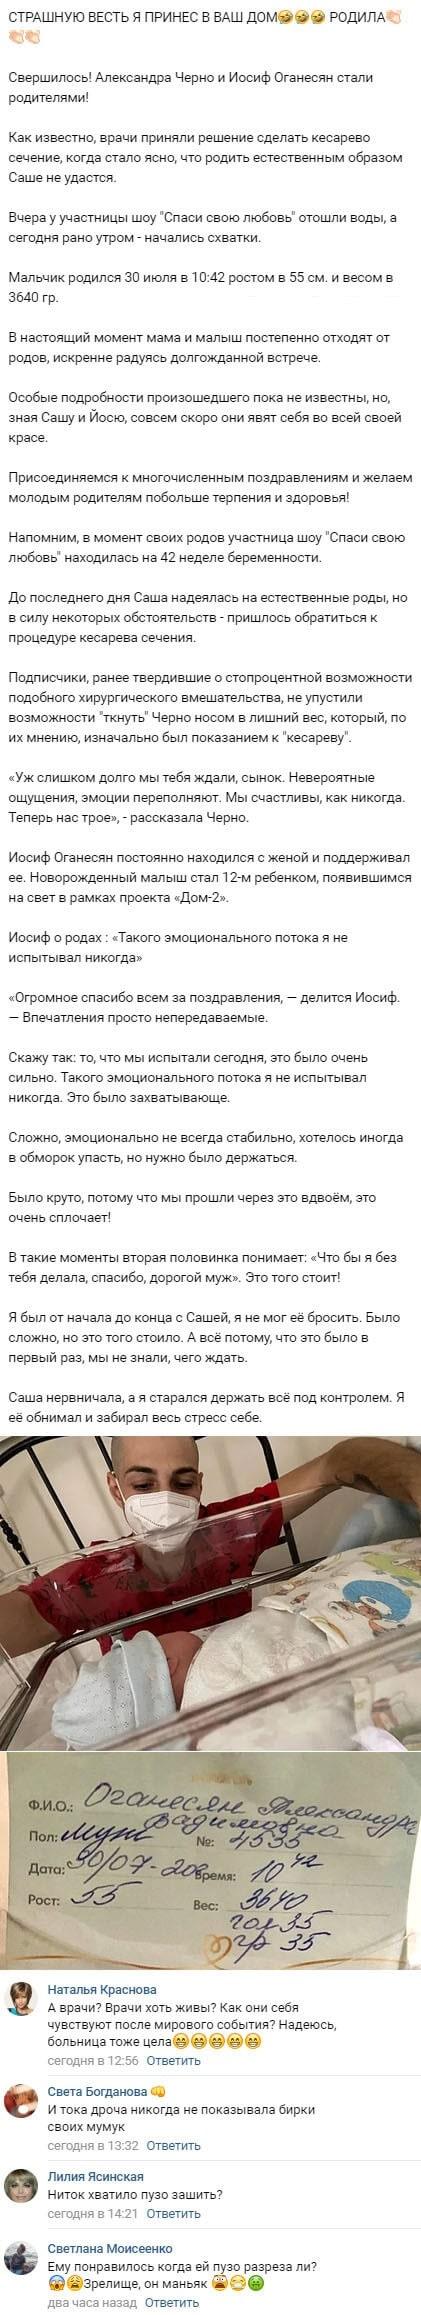 Все данные о новорожденном ребенке Александры Черно